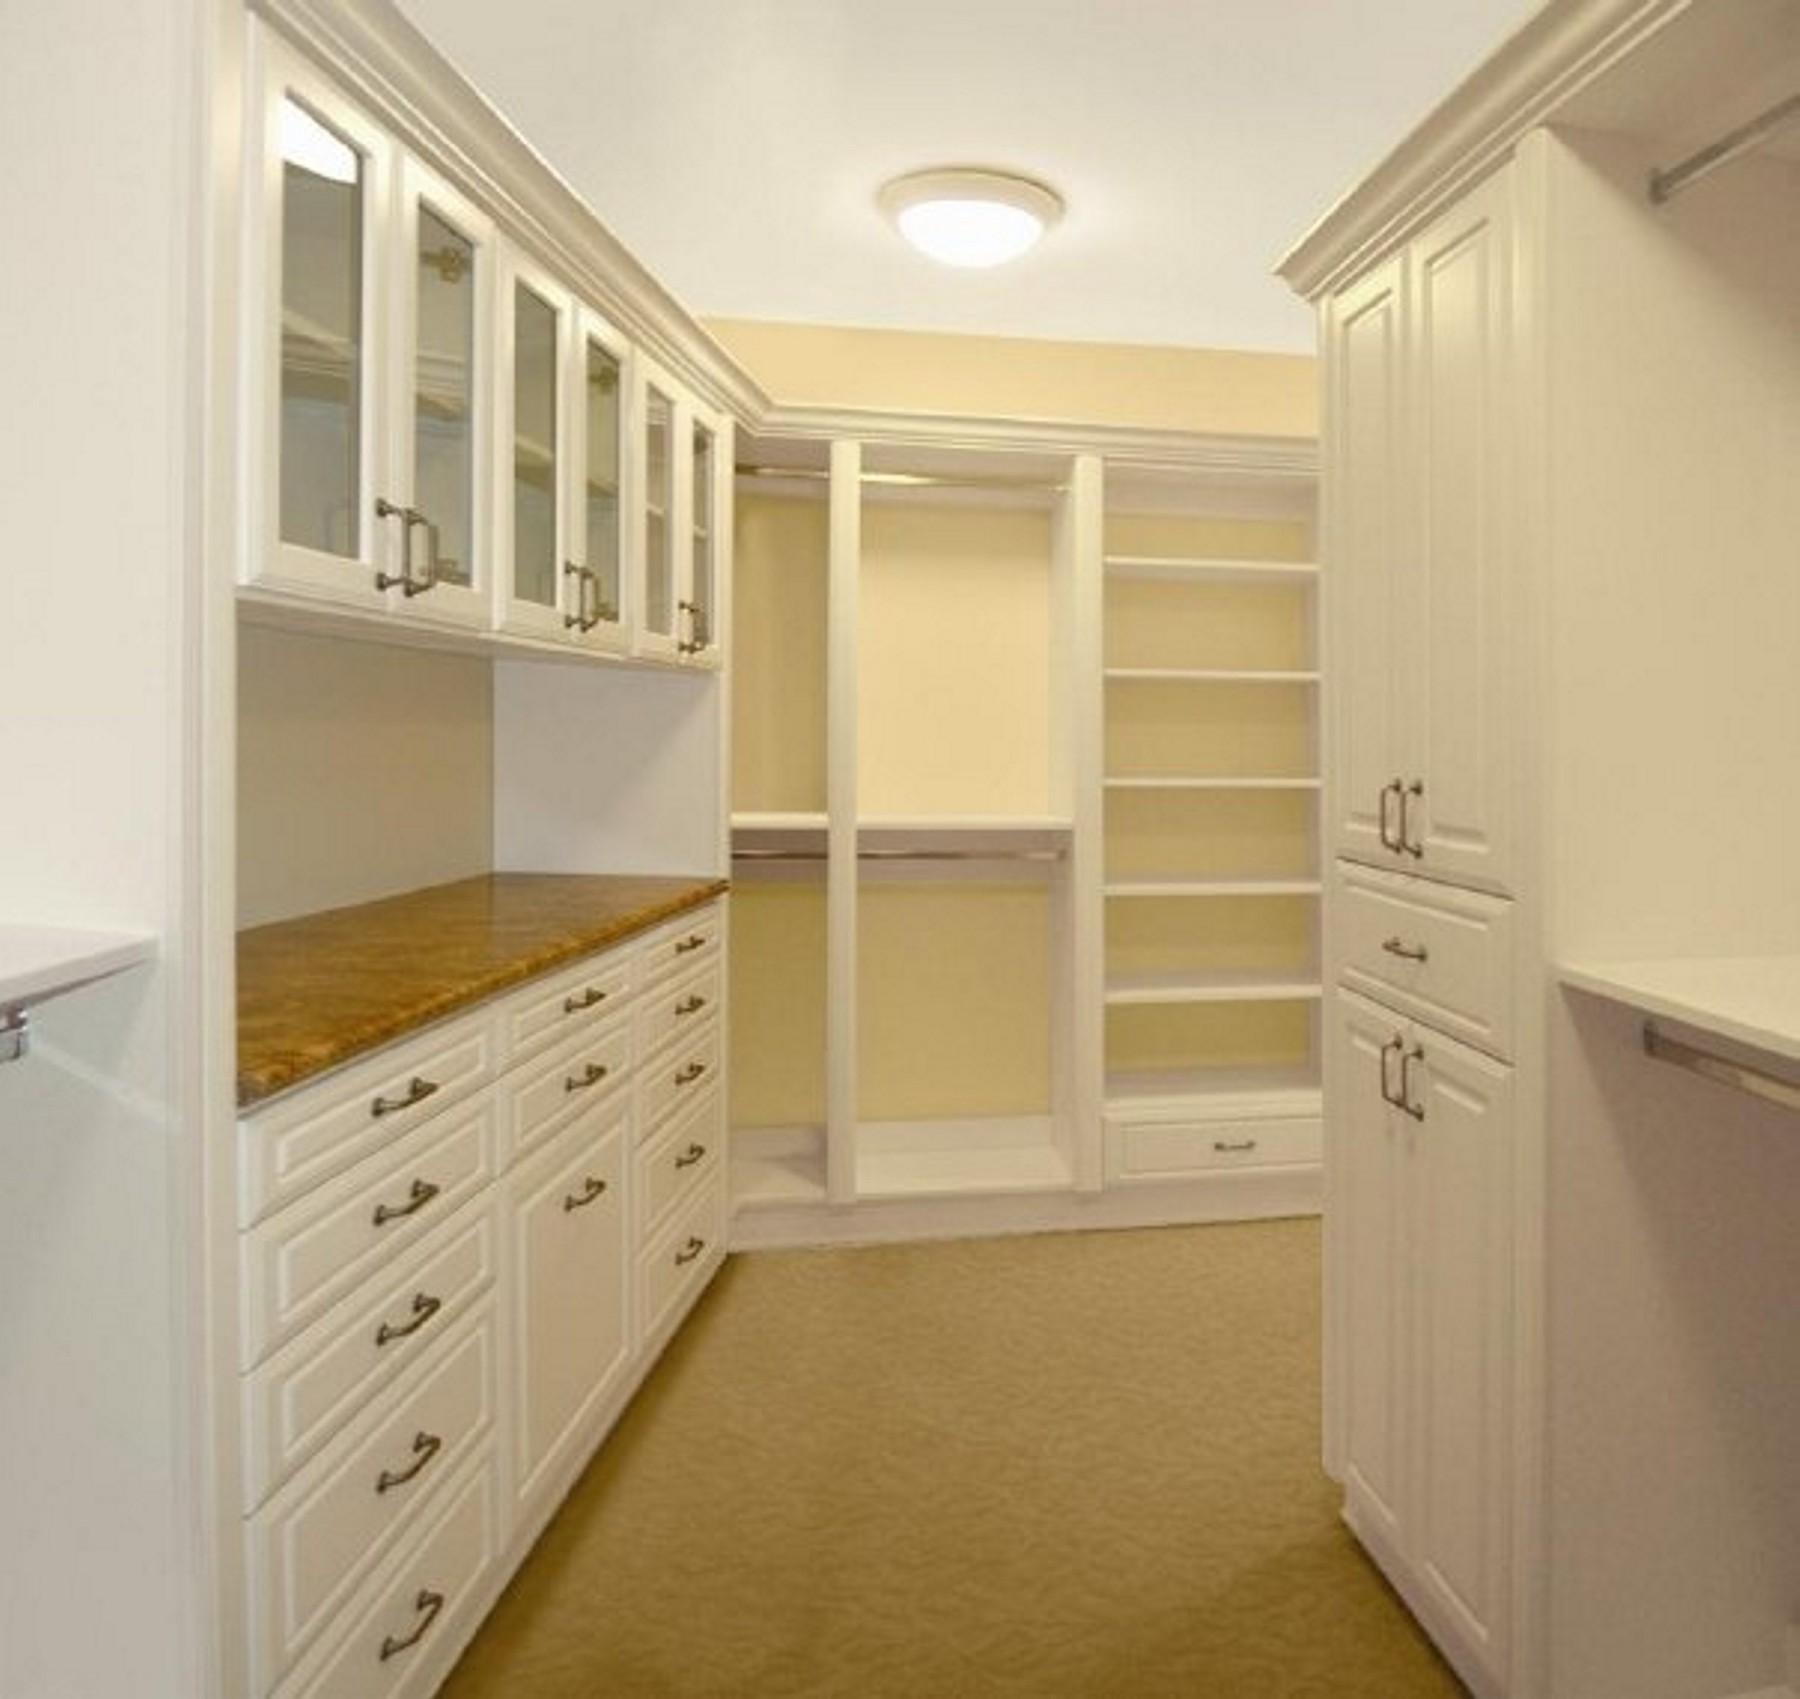 Classy Closets 4630 South Arville Suite E Amp F Las Vegas